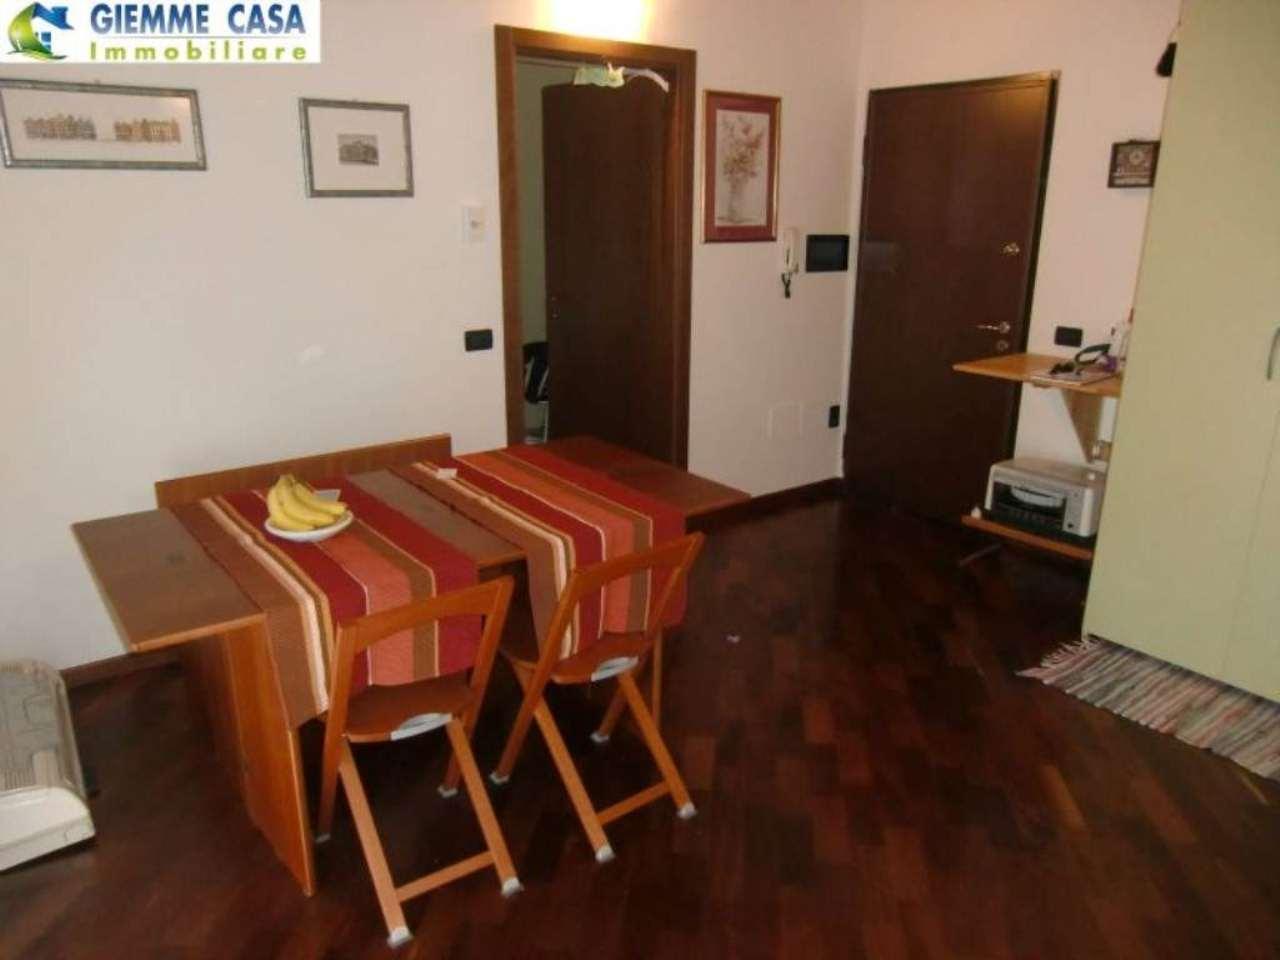 Bilocale Lonato Del Garda Via Montebello 5